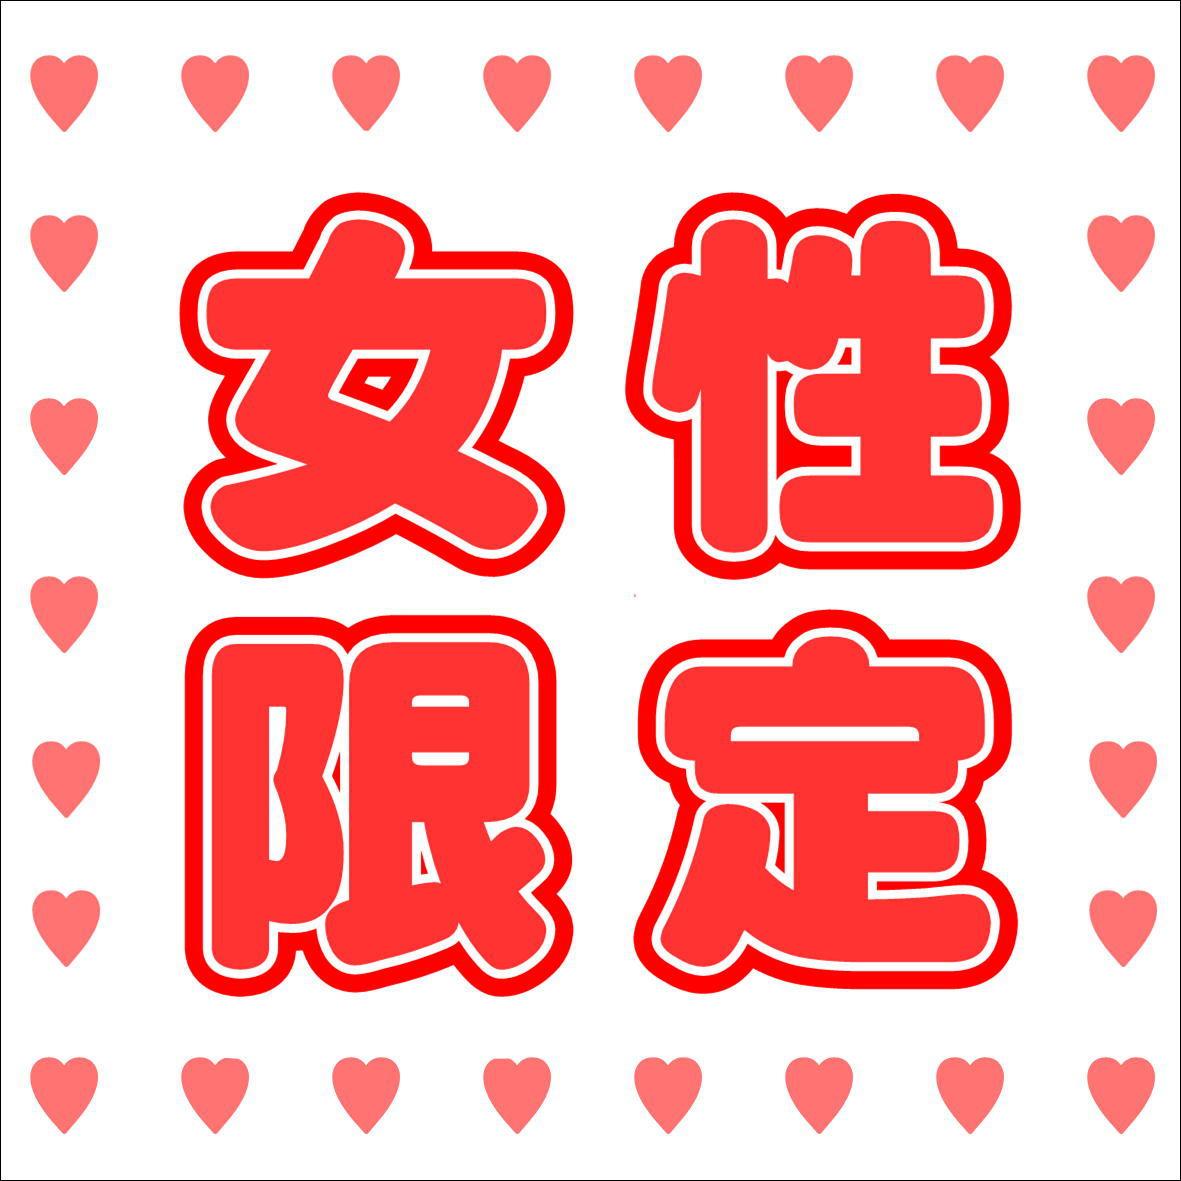 【さき楽/特割30】レディースプラン☆安心・安全・快適☆駅前立地でアクセス便利☆素泊まり